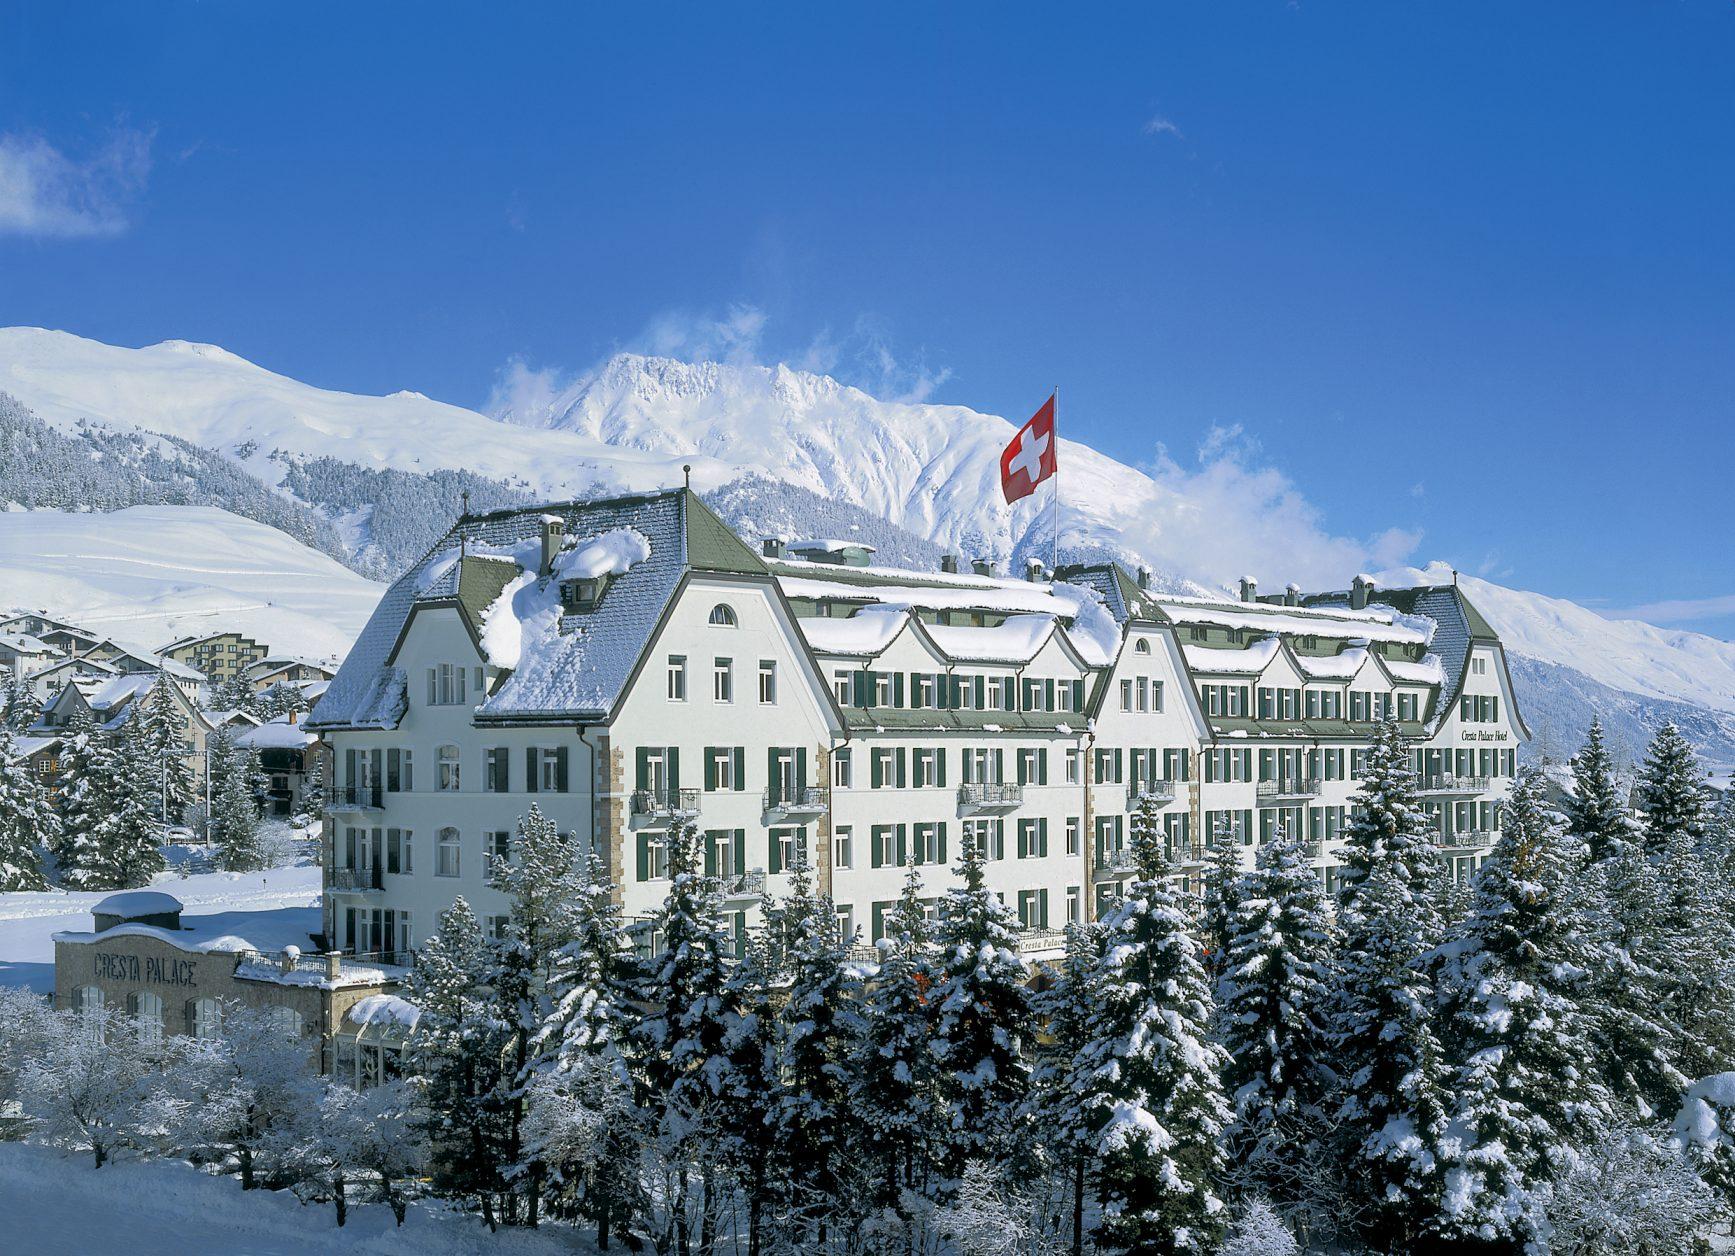 Ein Traum in Weiss: Das Grandhotel Cresta Palace im Winter, Foto: Cresta Palace